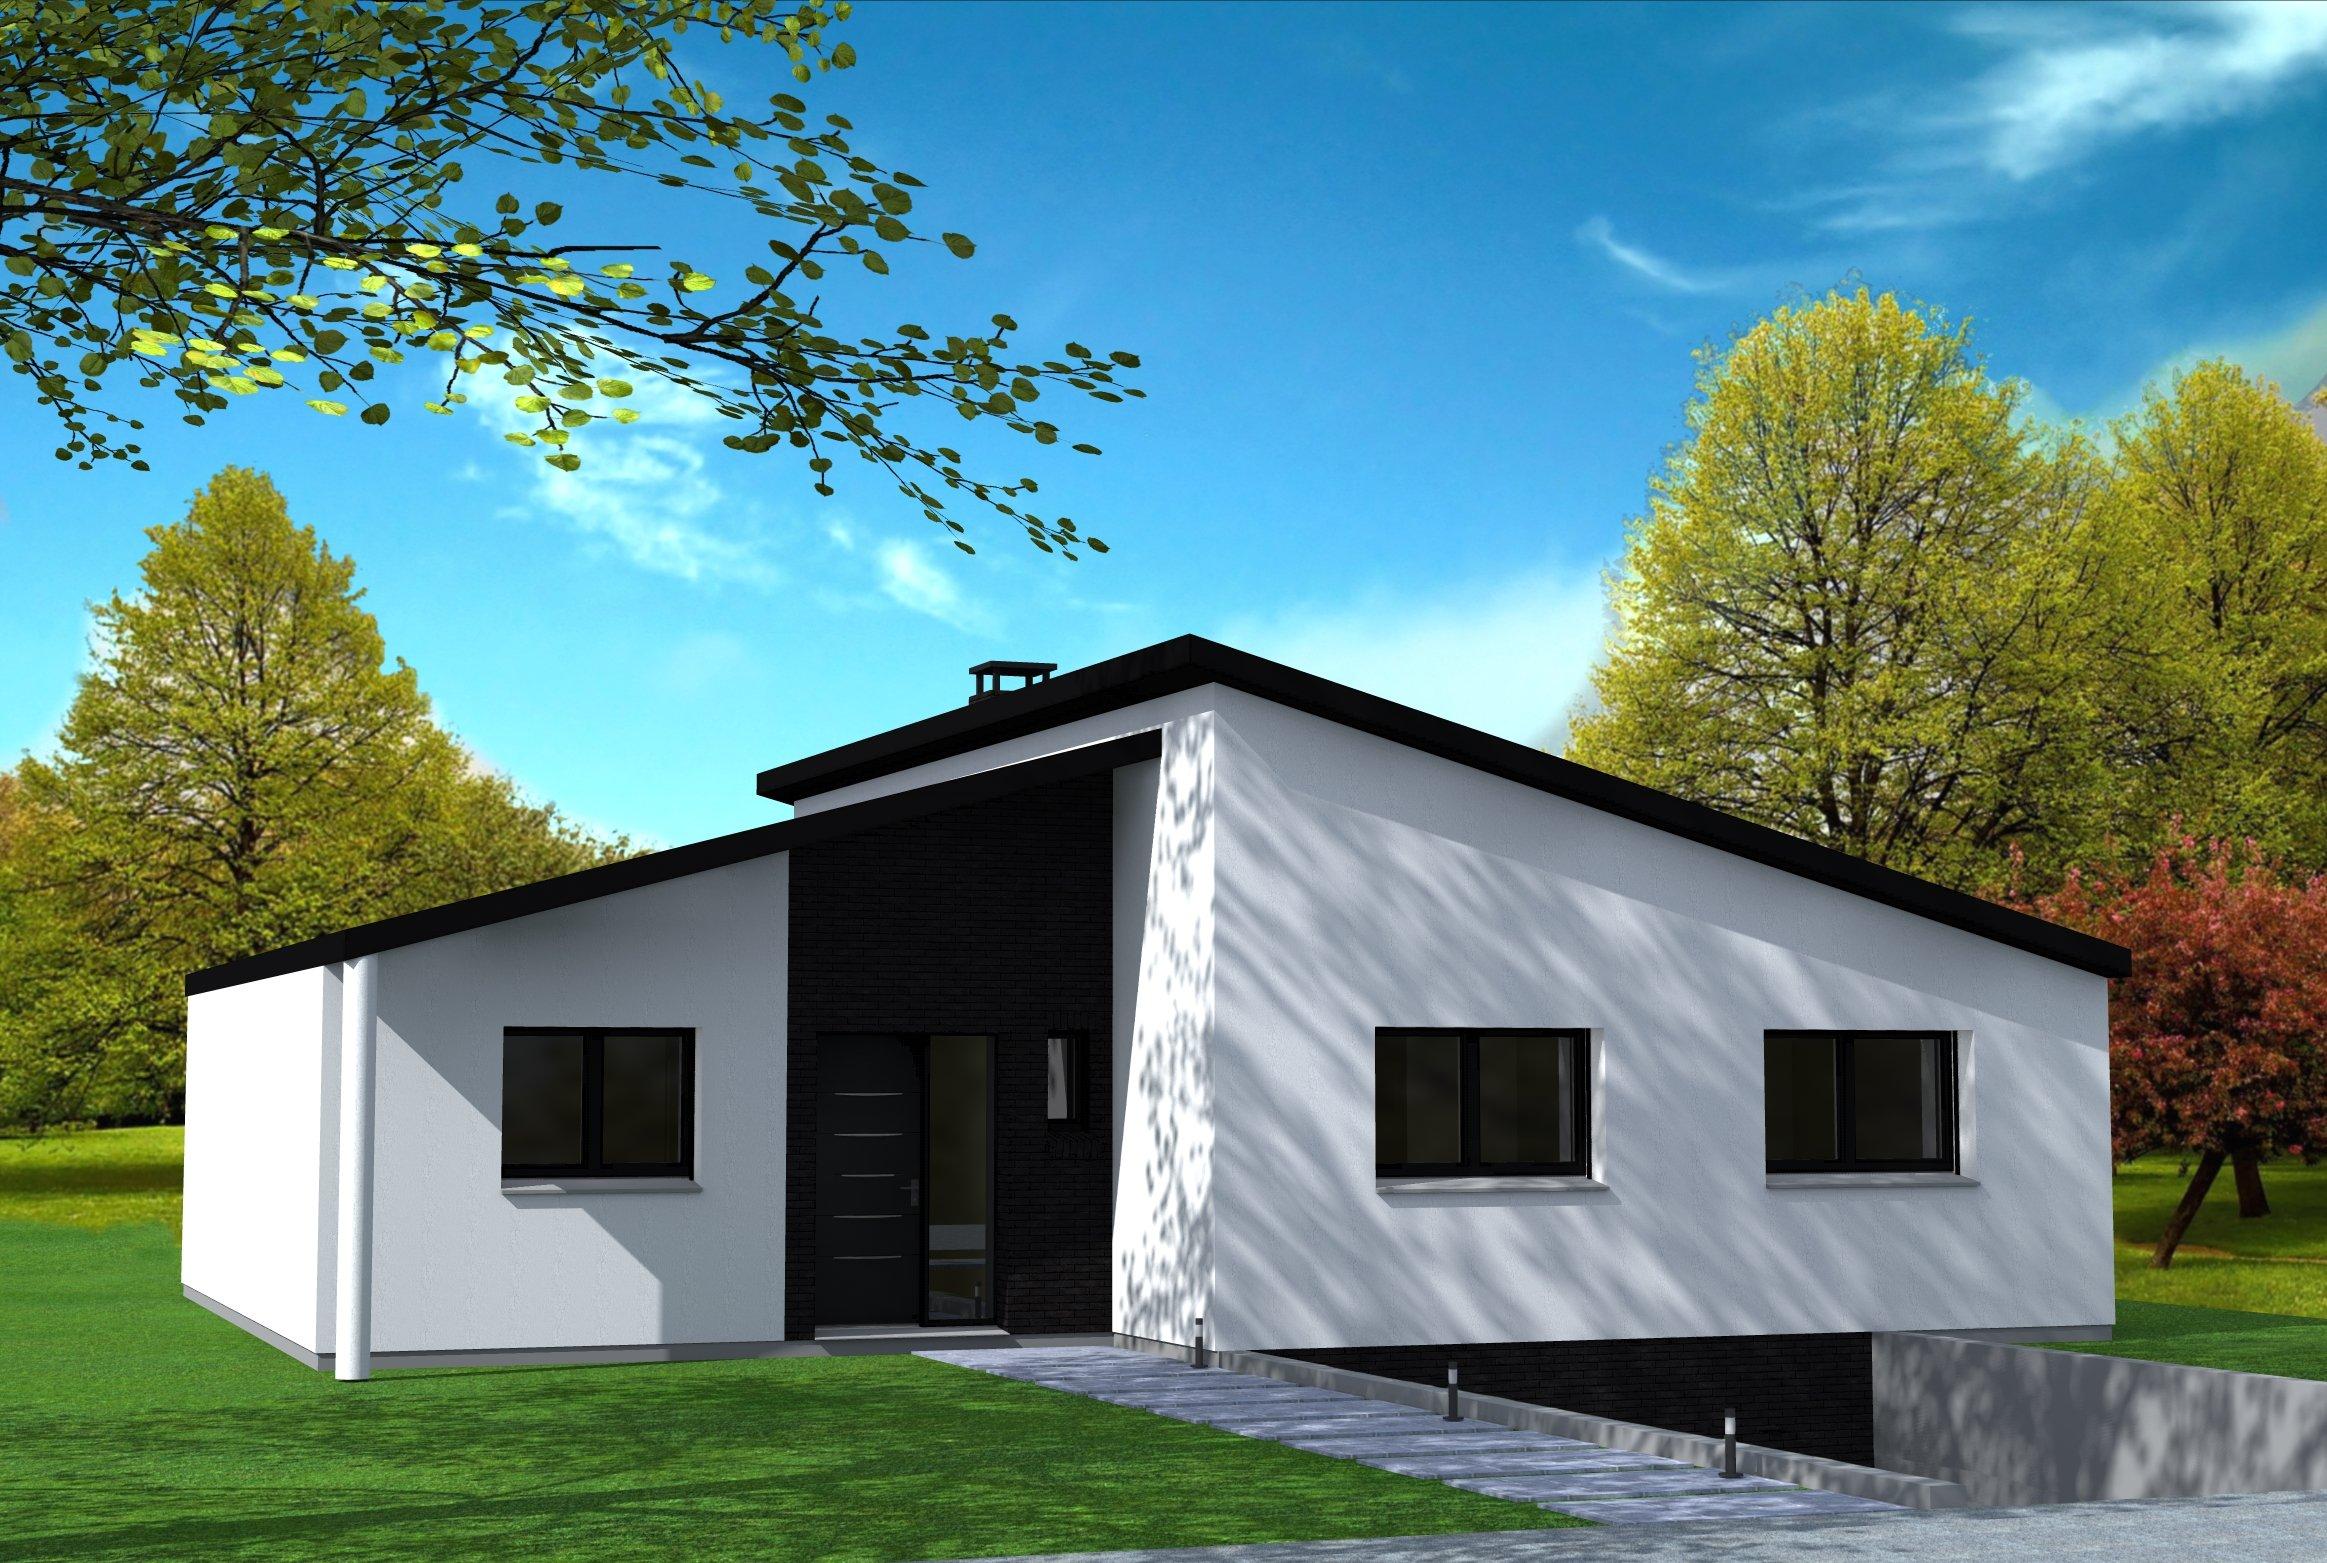 Quelle forme type de toiture 2018 for Type de toiture maison